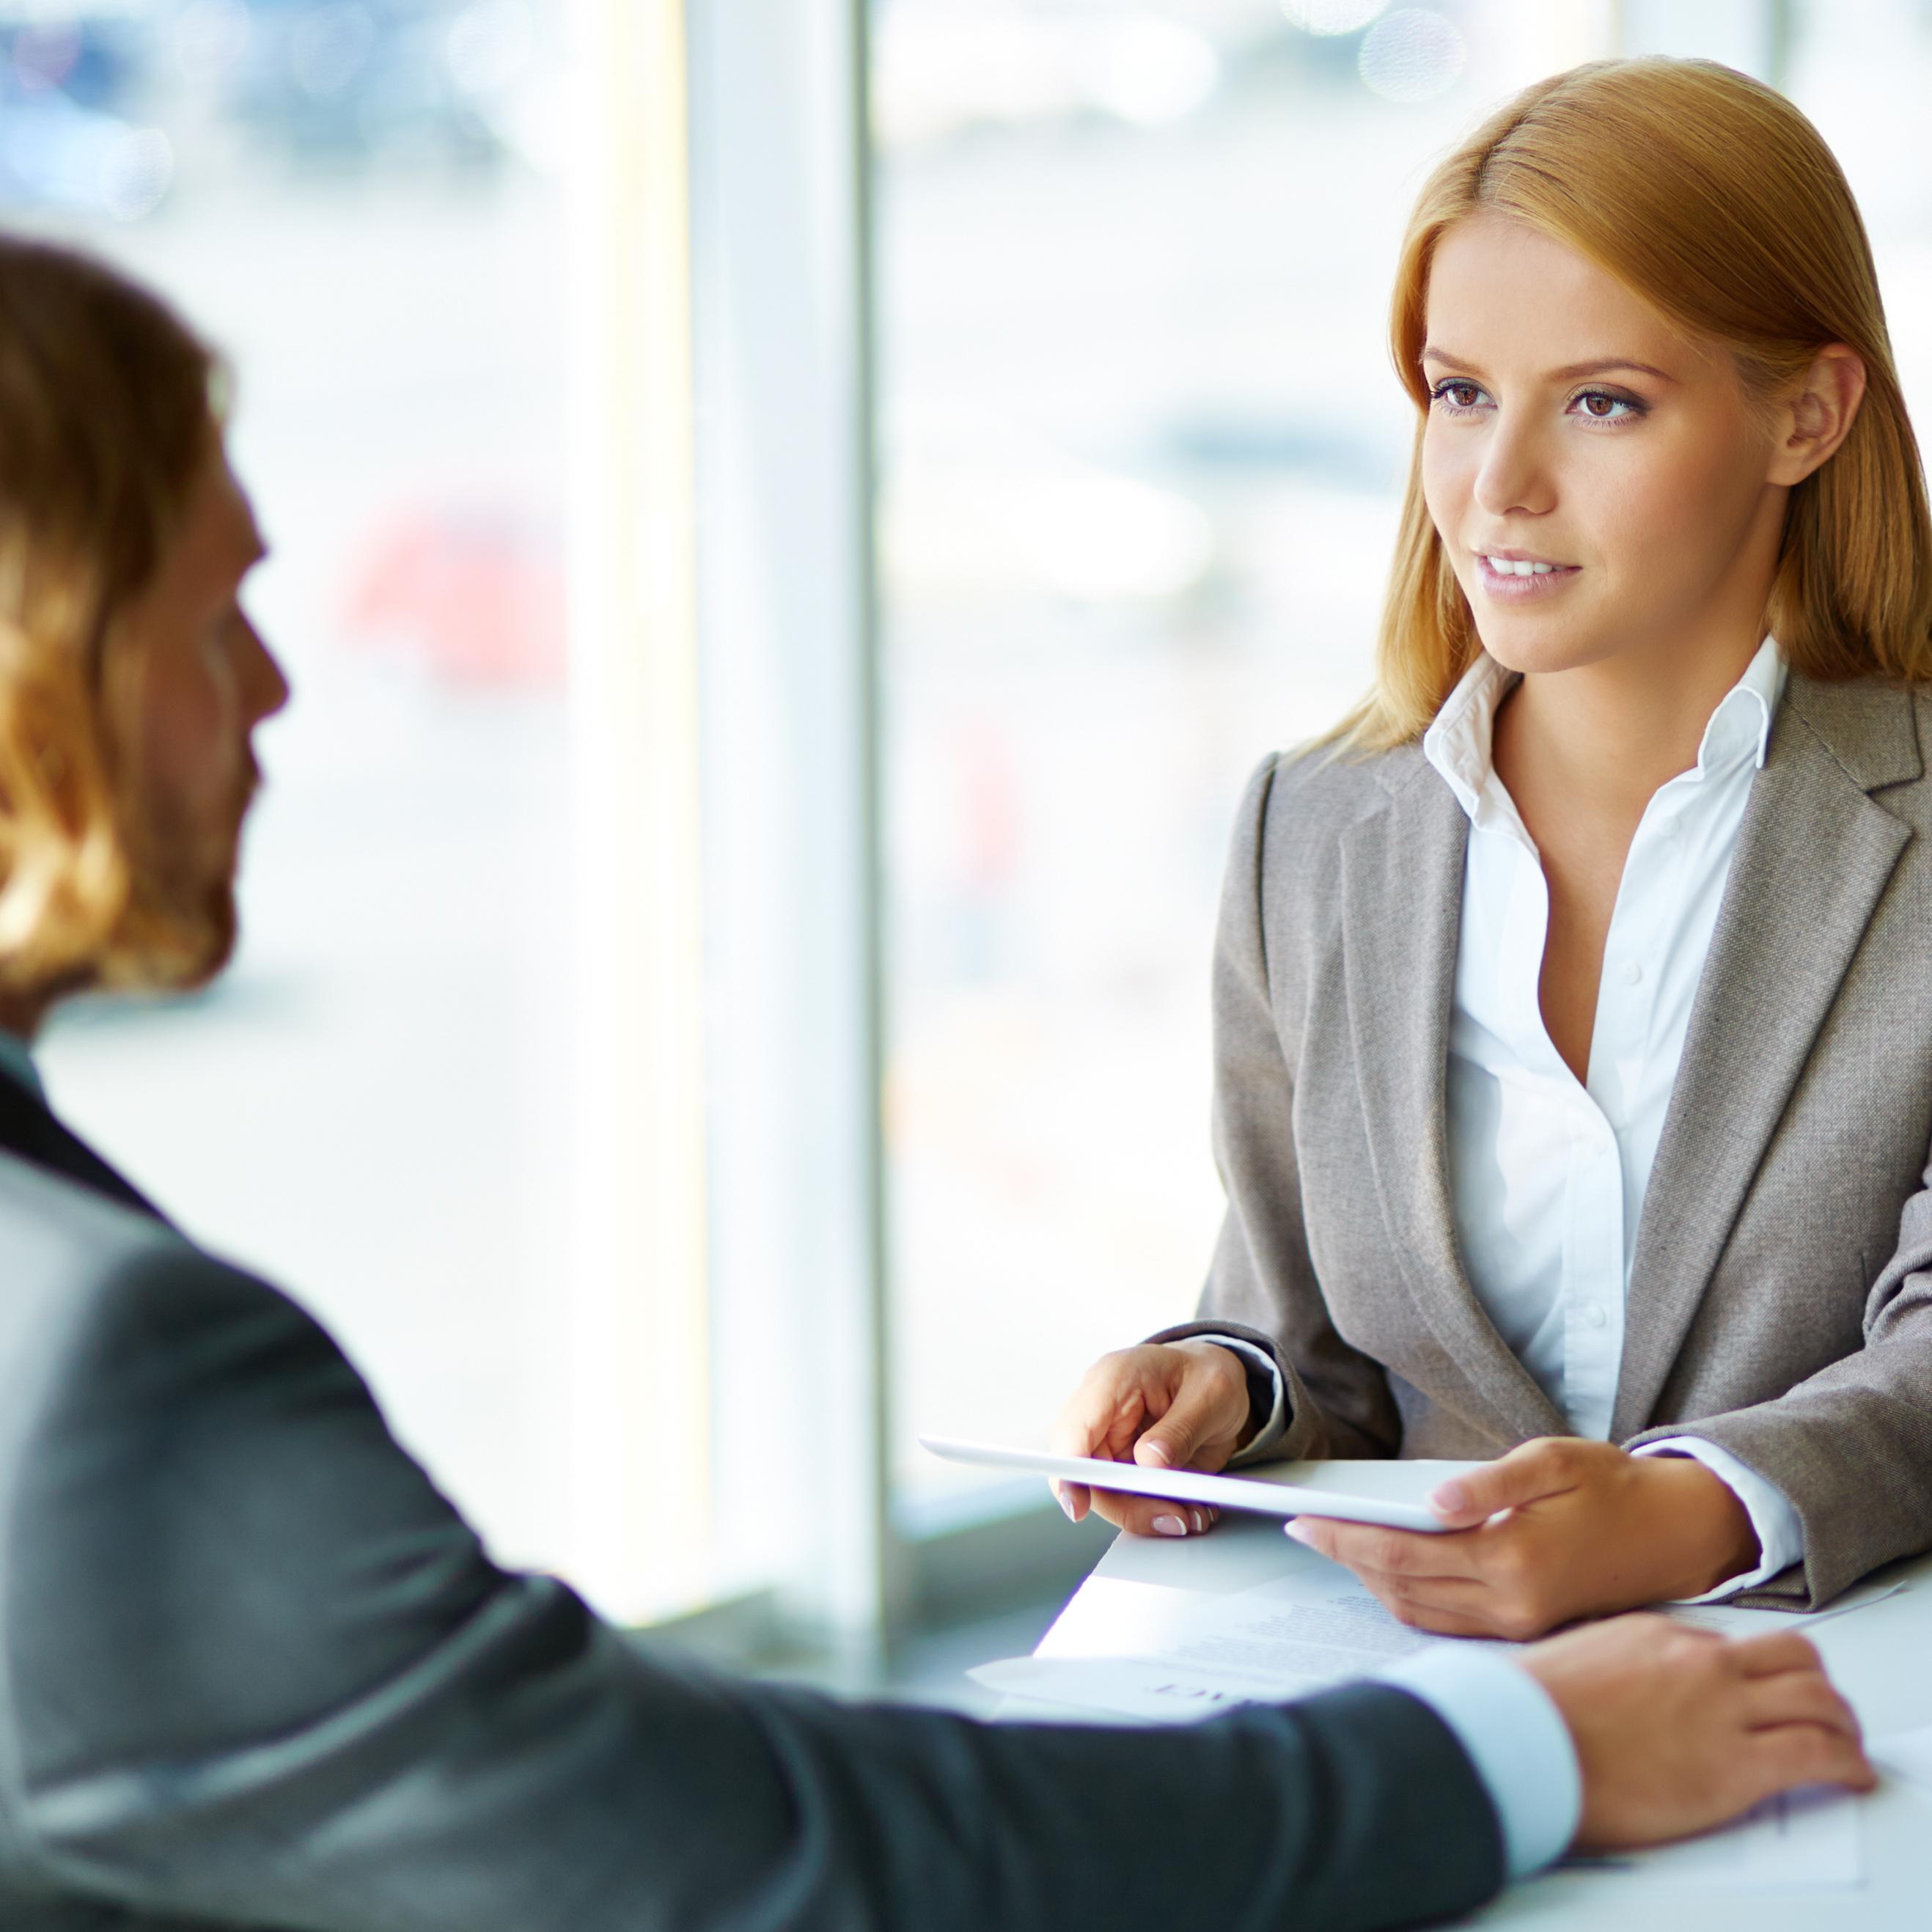 Deux hommes et une femme assisent à une table en discutant